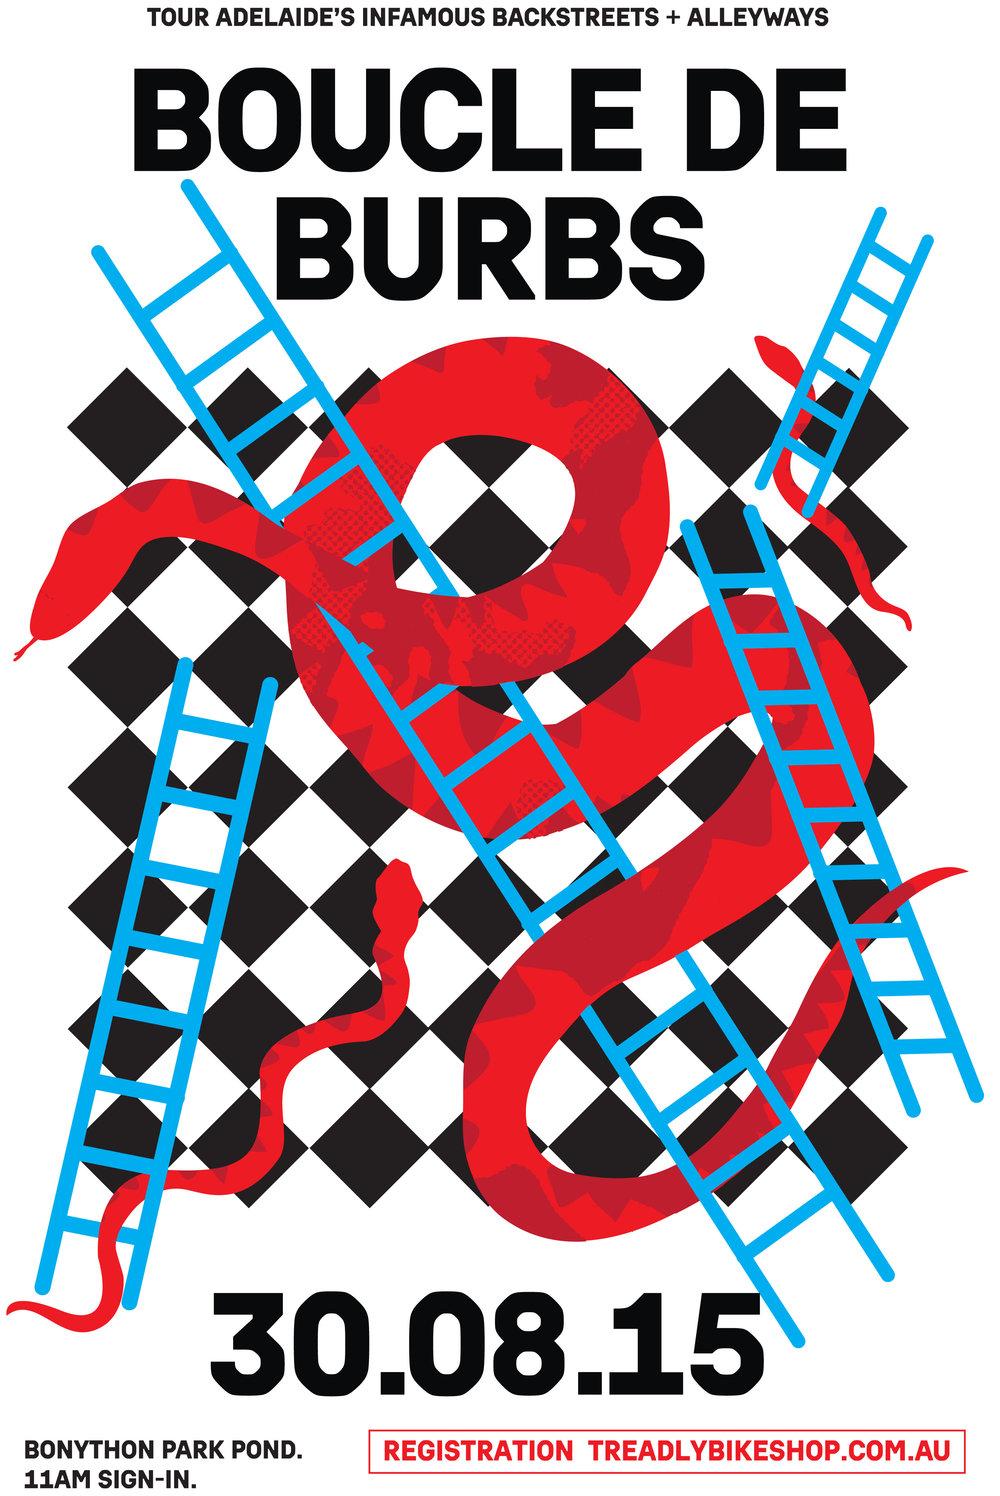 BOUCLE DE BURBS '15 -